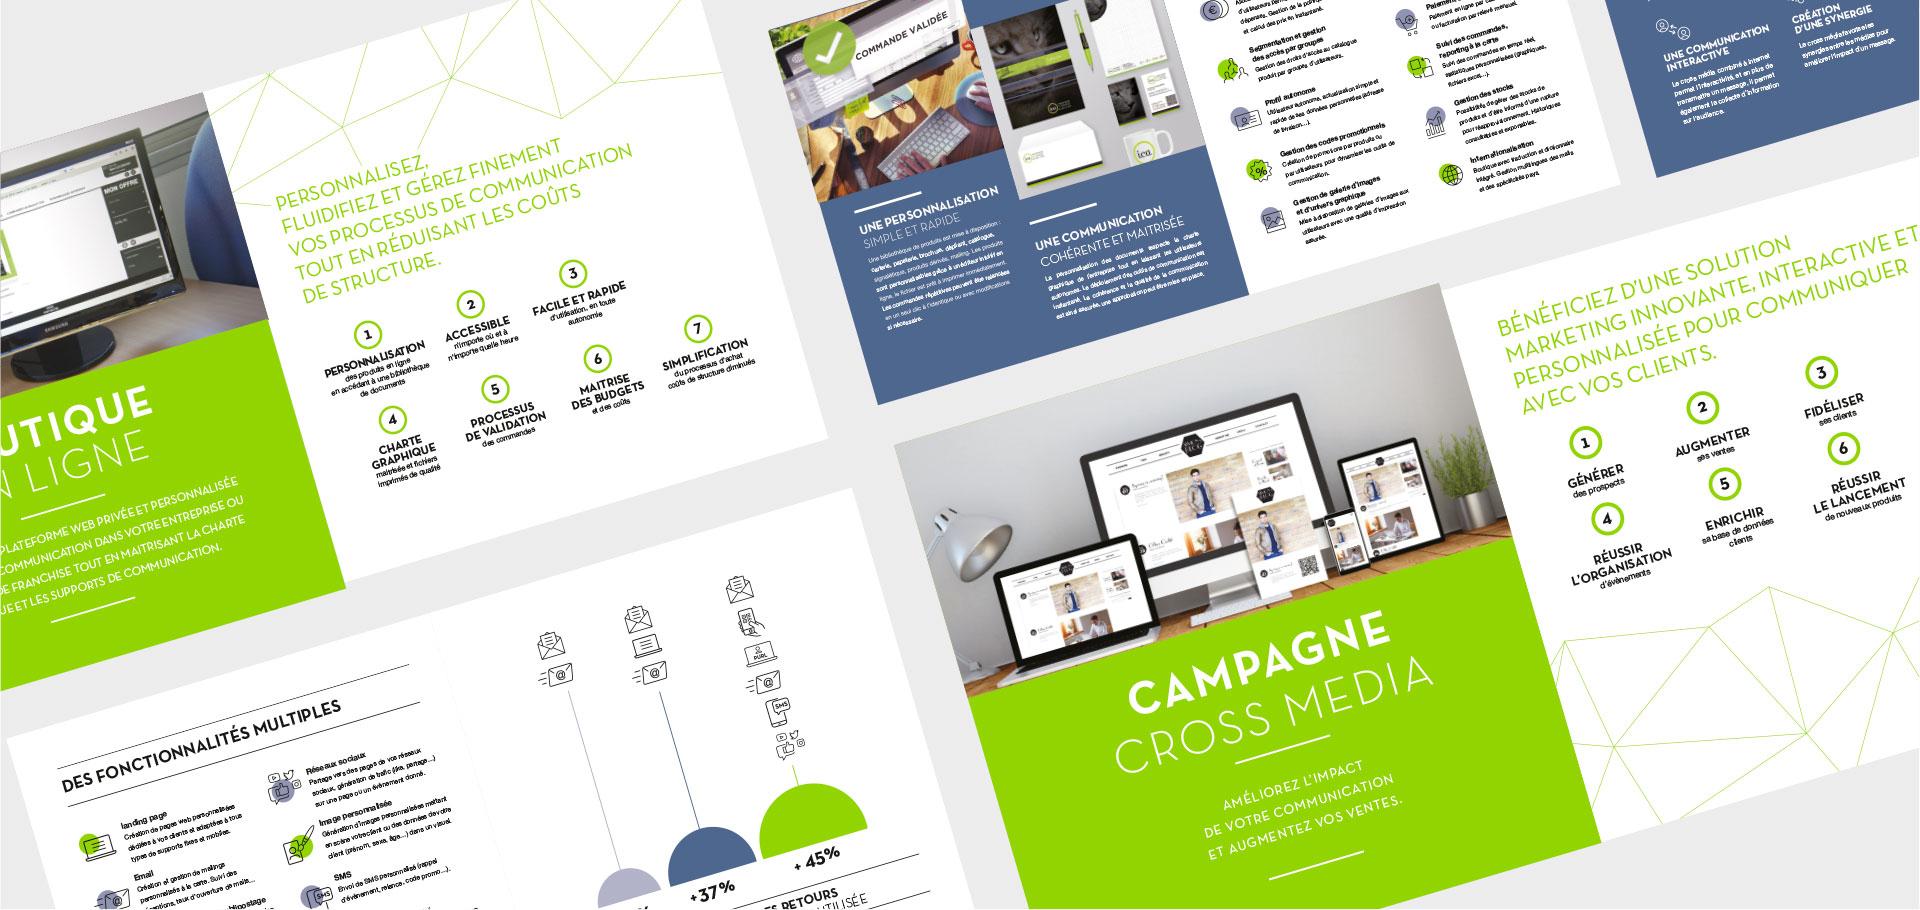 design d'edition cross média pour l'imprimerie ICA - lyon